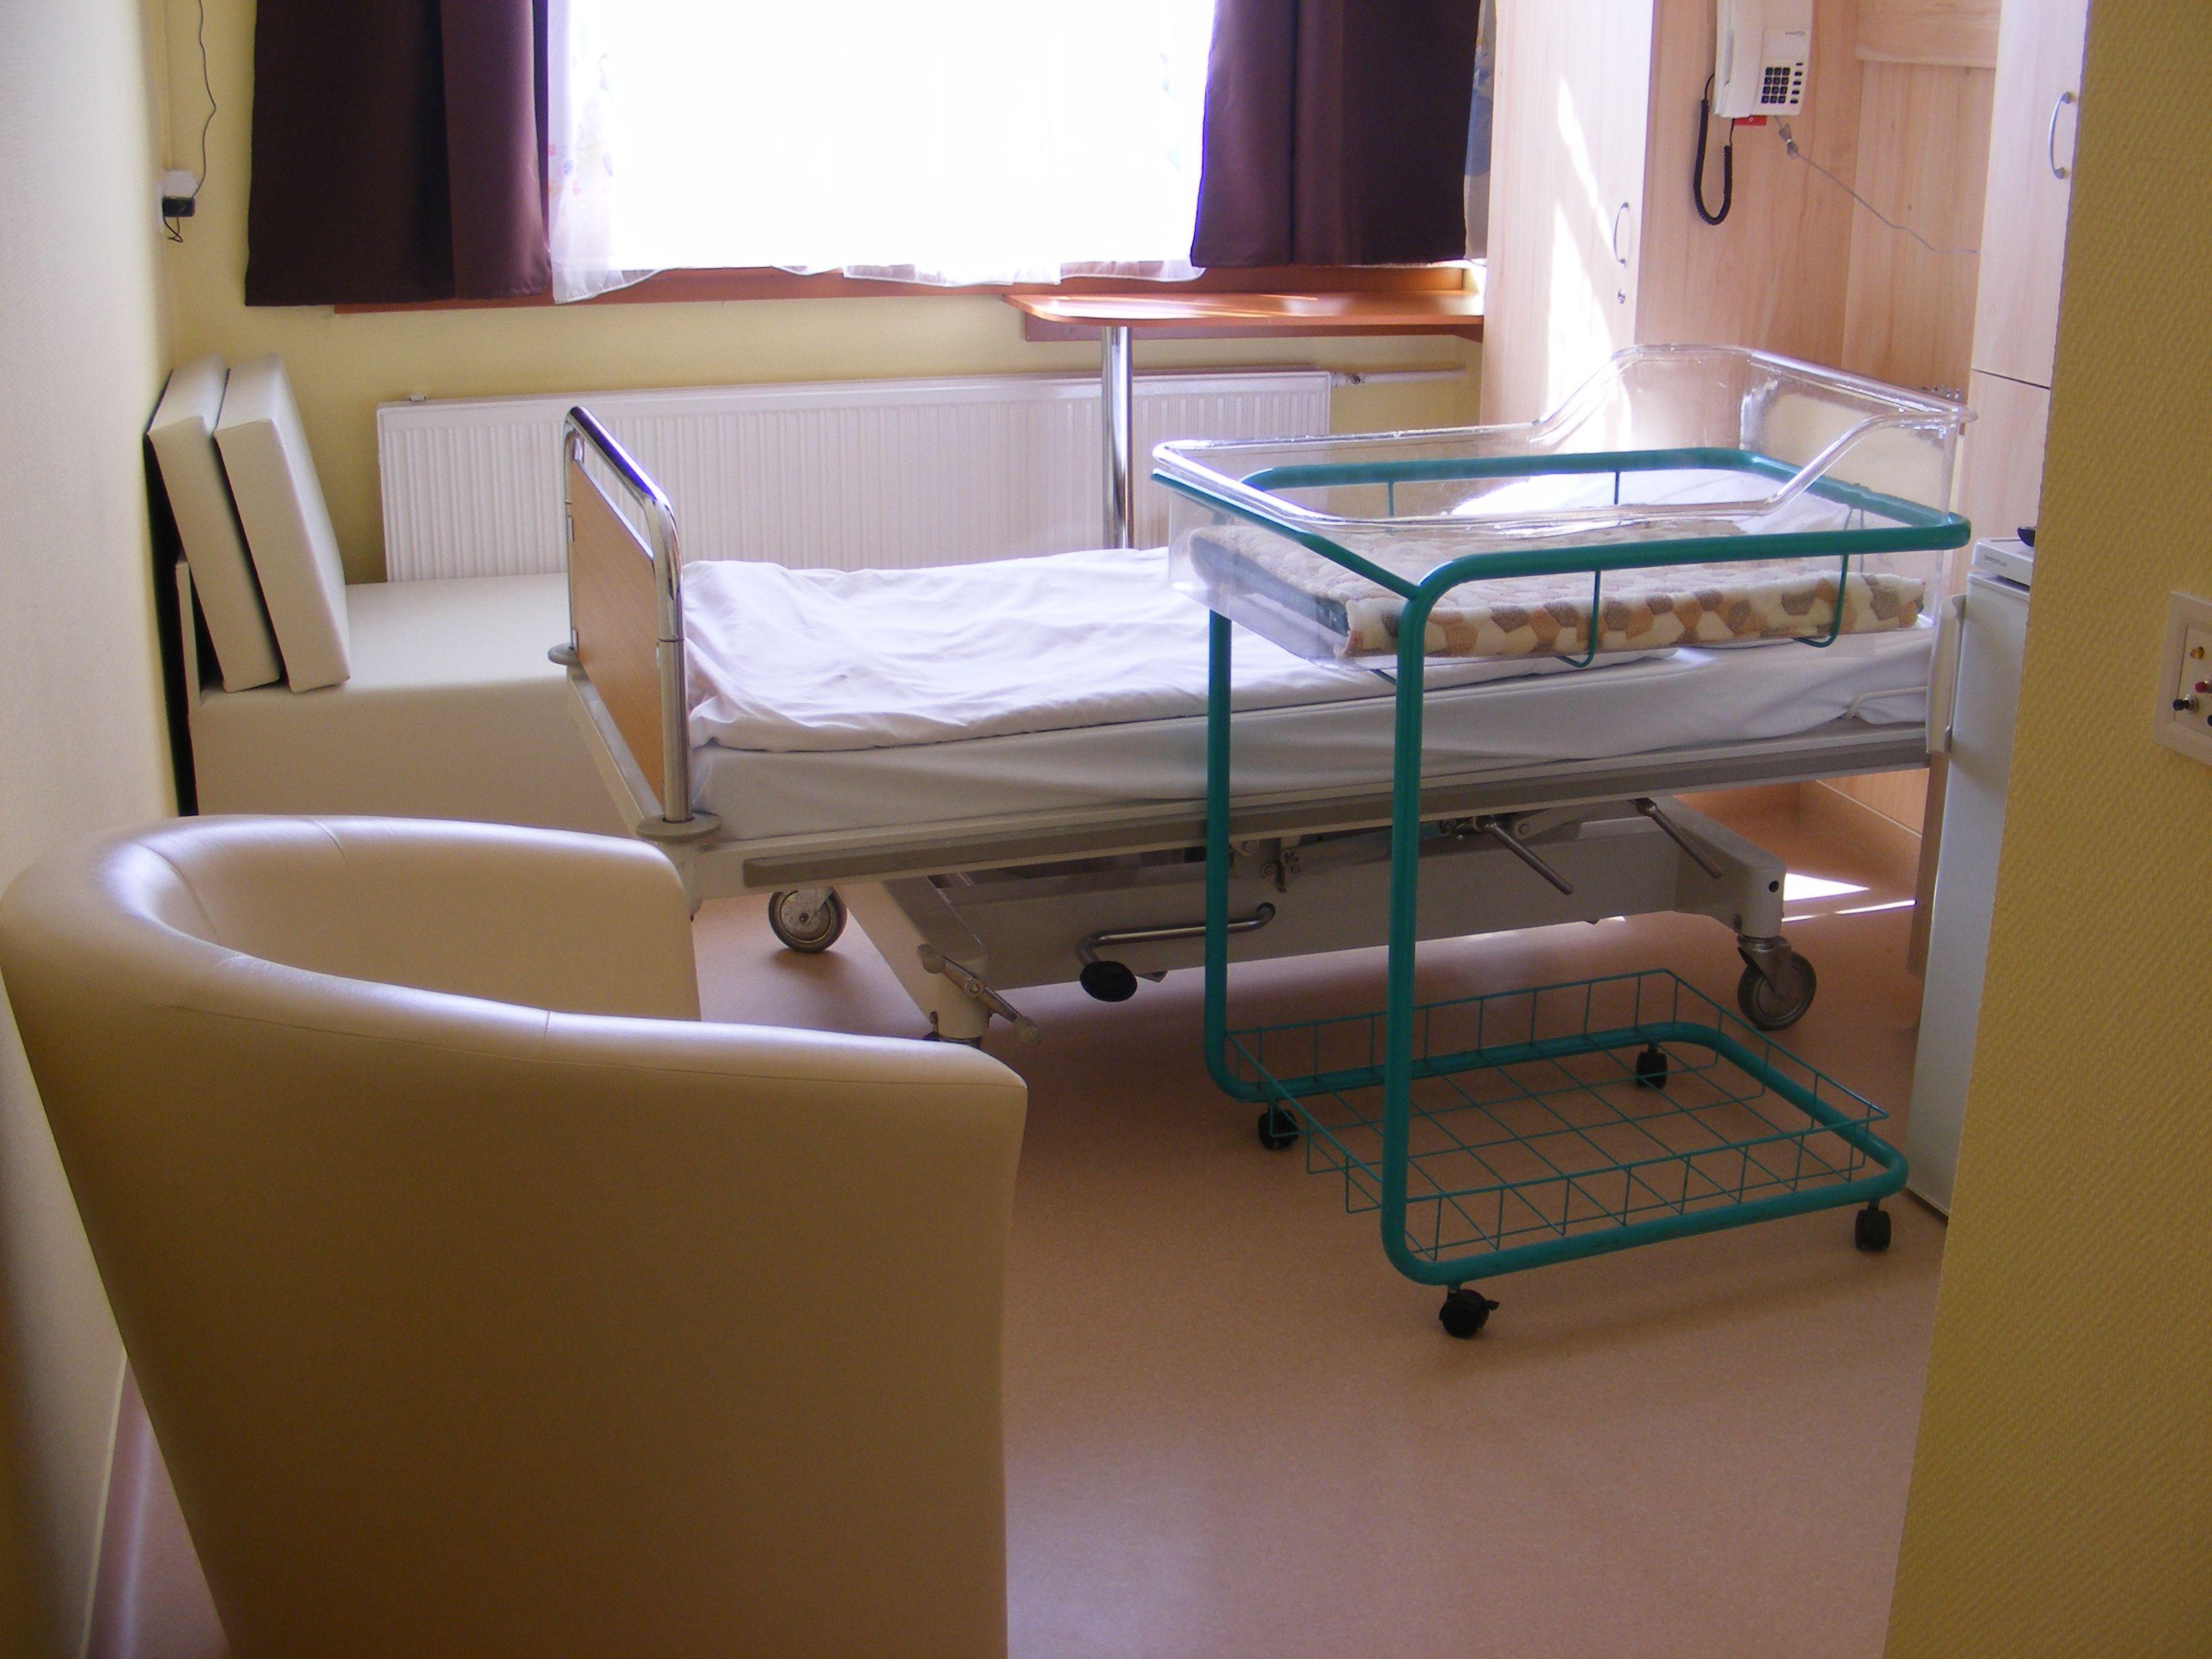 Újabb kórtermeket fogadtak örökbe a Markhot Ferenc Kórházban